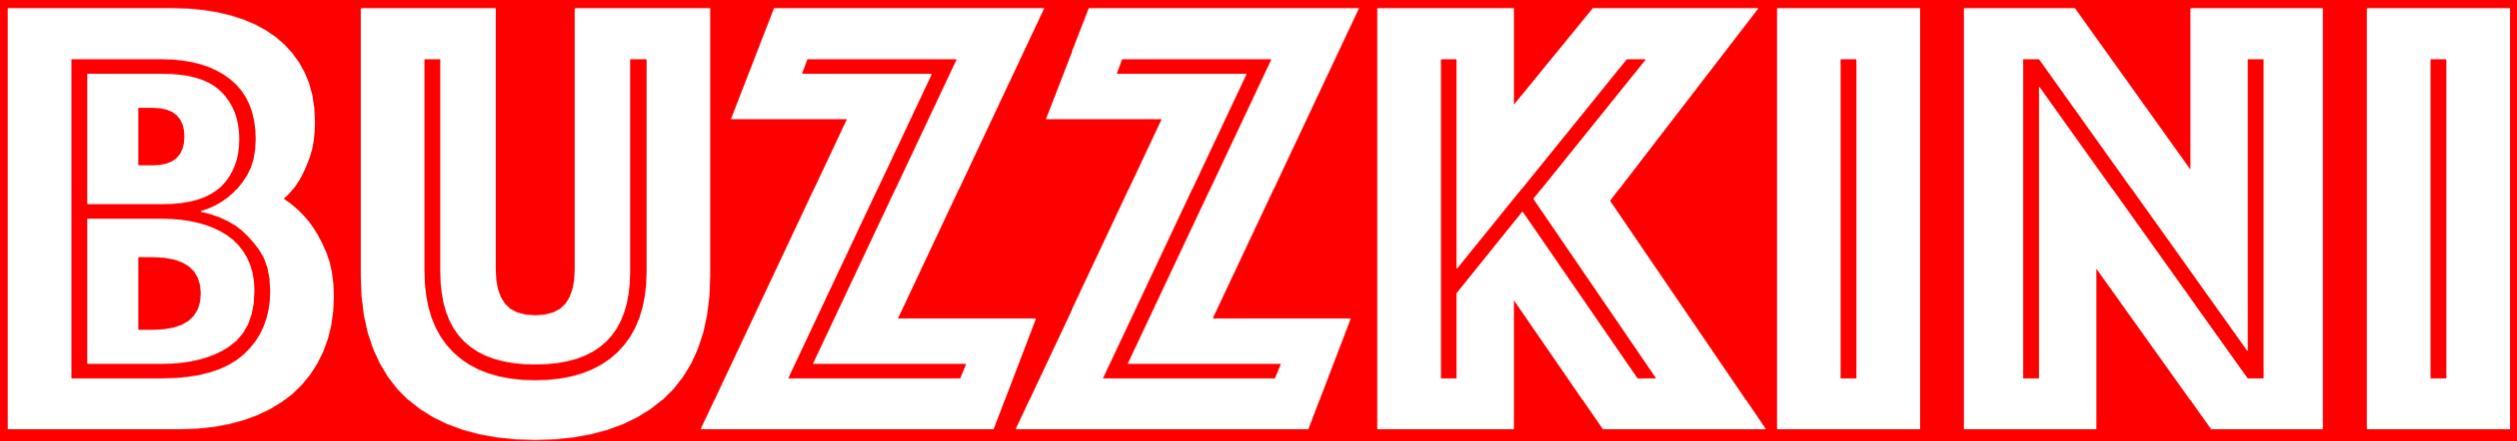 BuzzKini